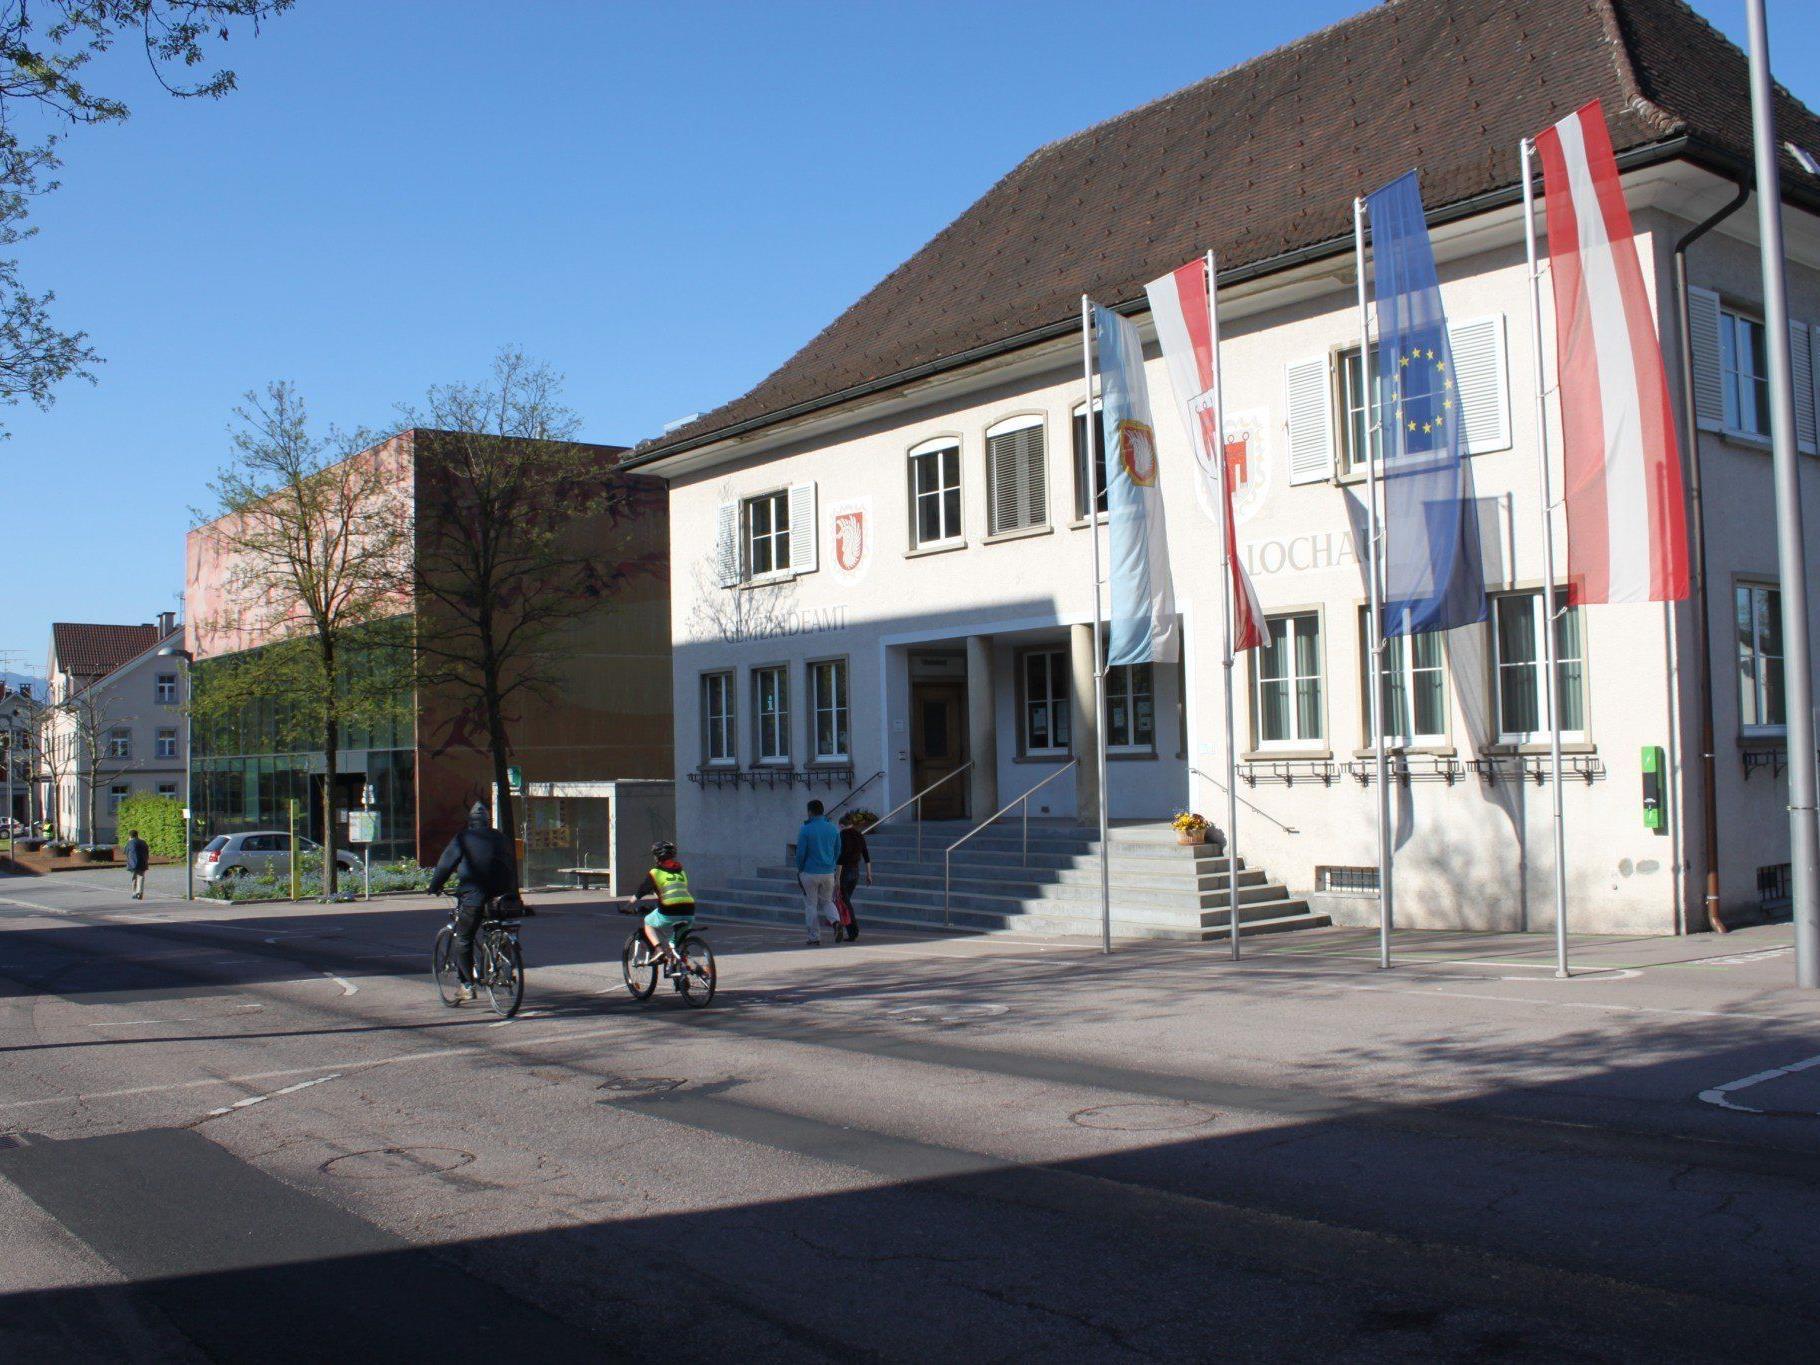 Das in die Jahre gekommenen Lochauer Gemeindeamt im Ortszentrum soll durch einen attraktiven Neubau ersetzt werden.